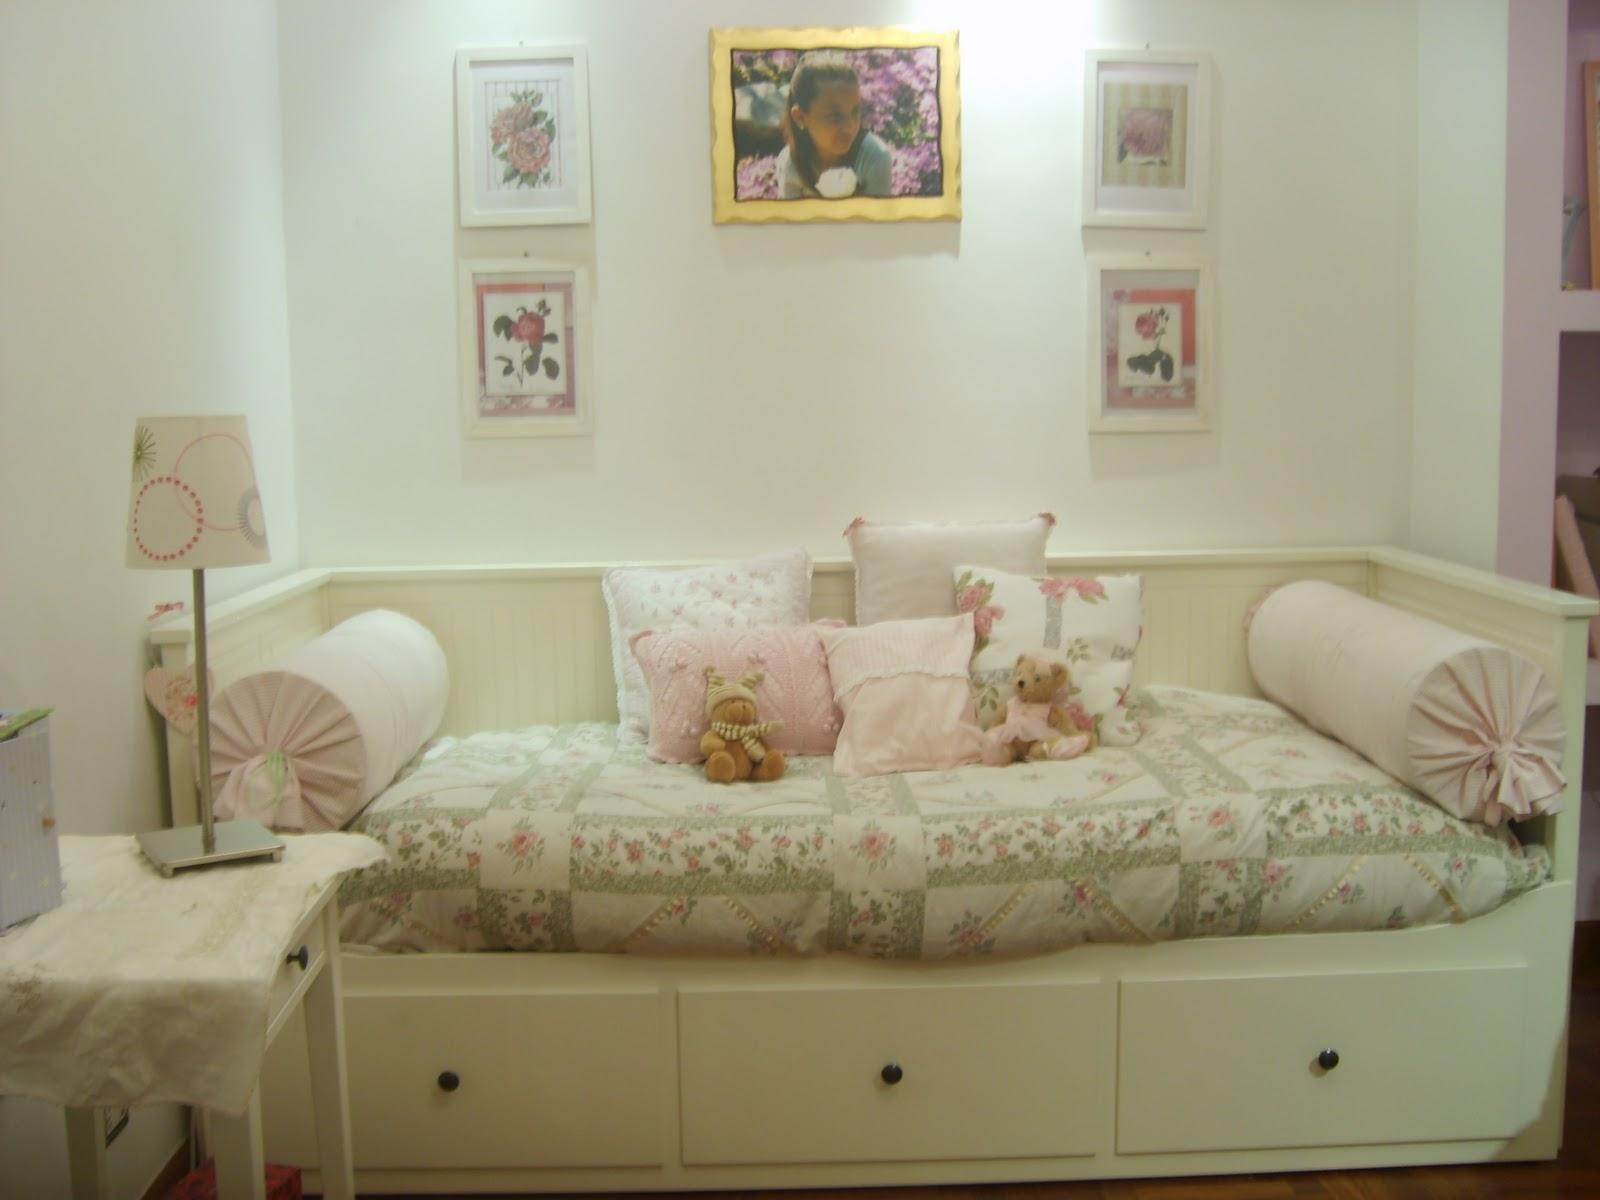 Camerette da sogno per bambini esempi camerette per - Cameretta neonato ikea ...